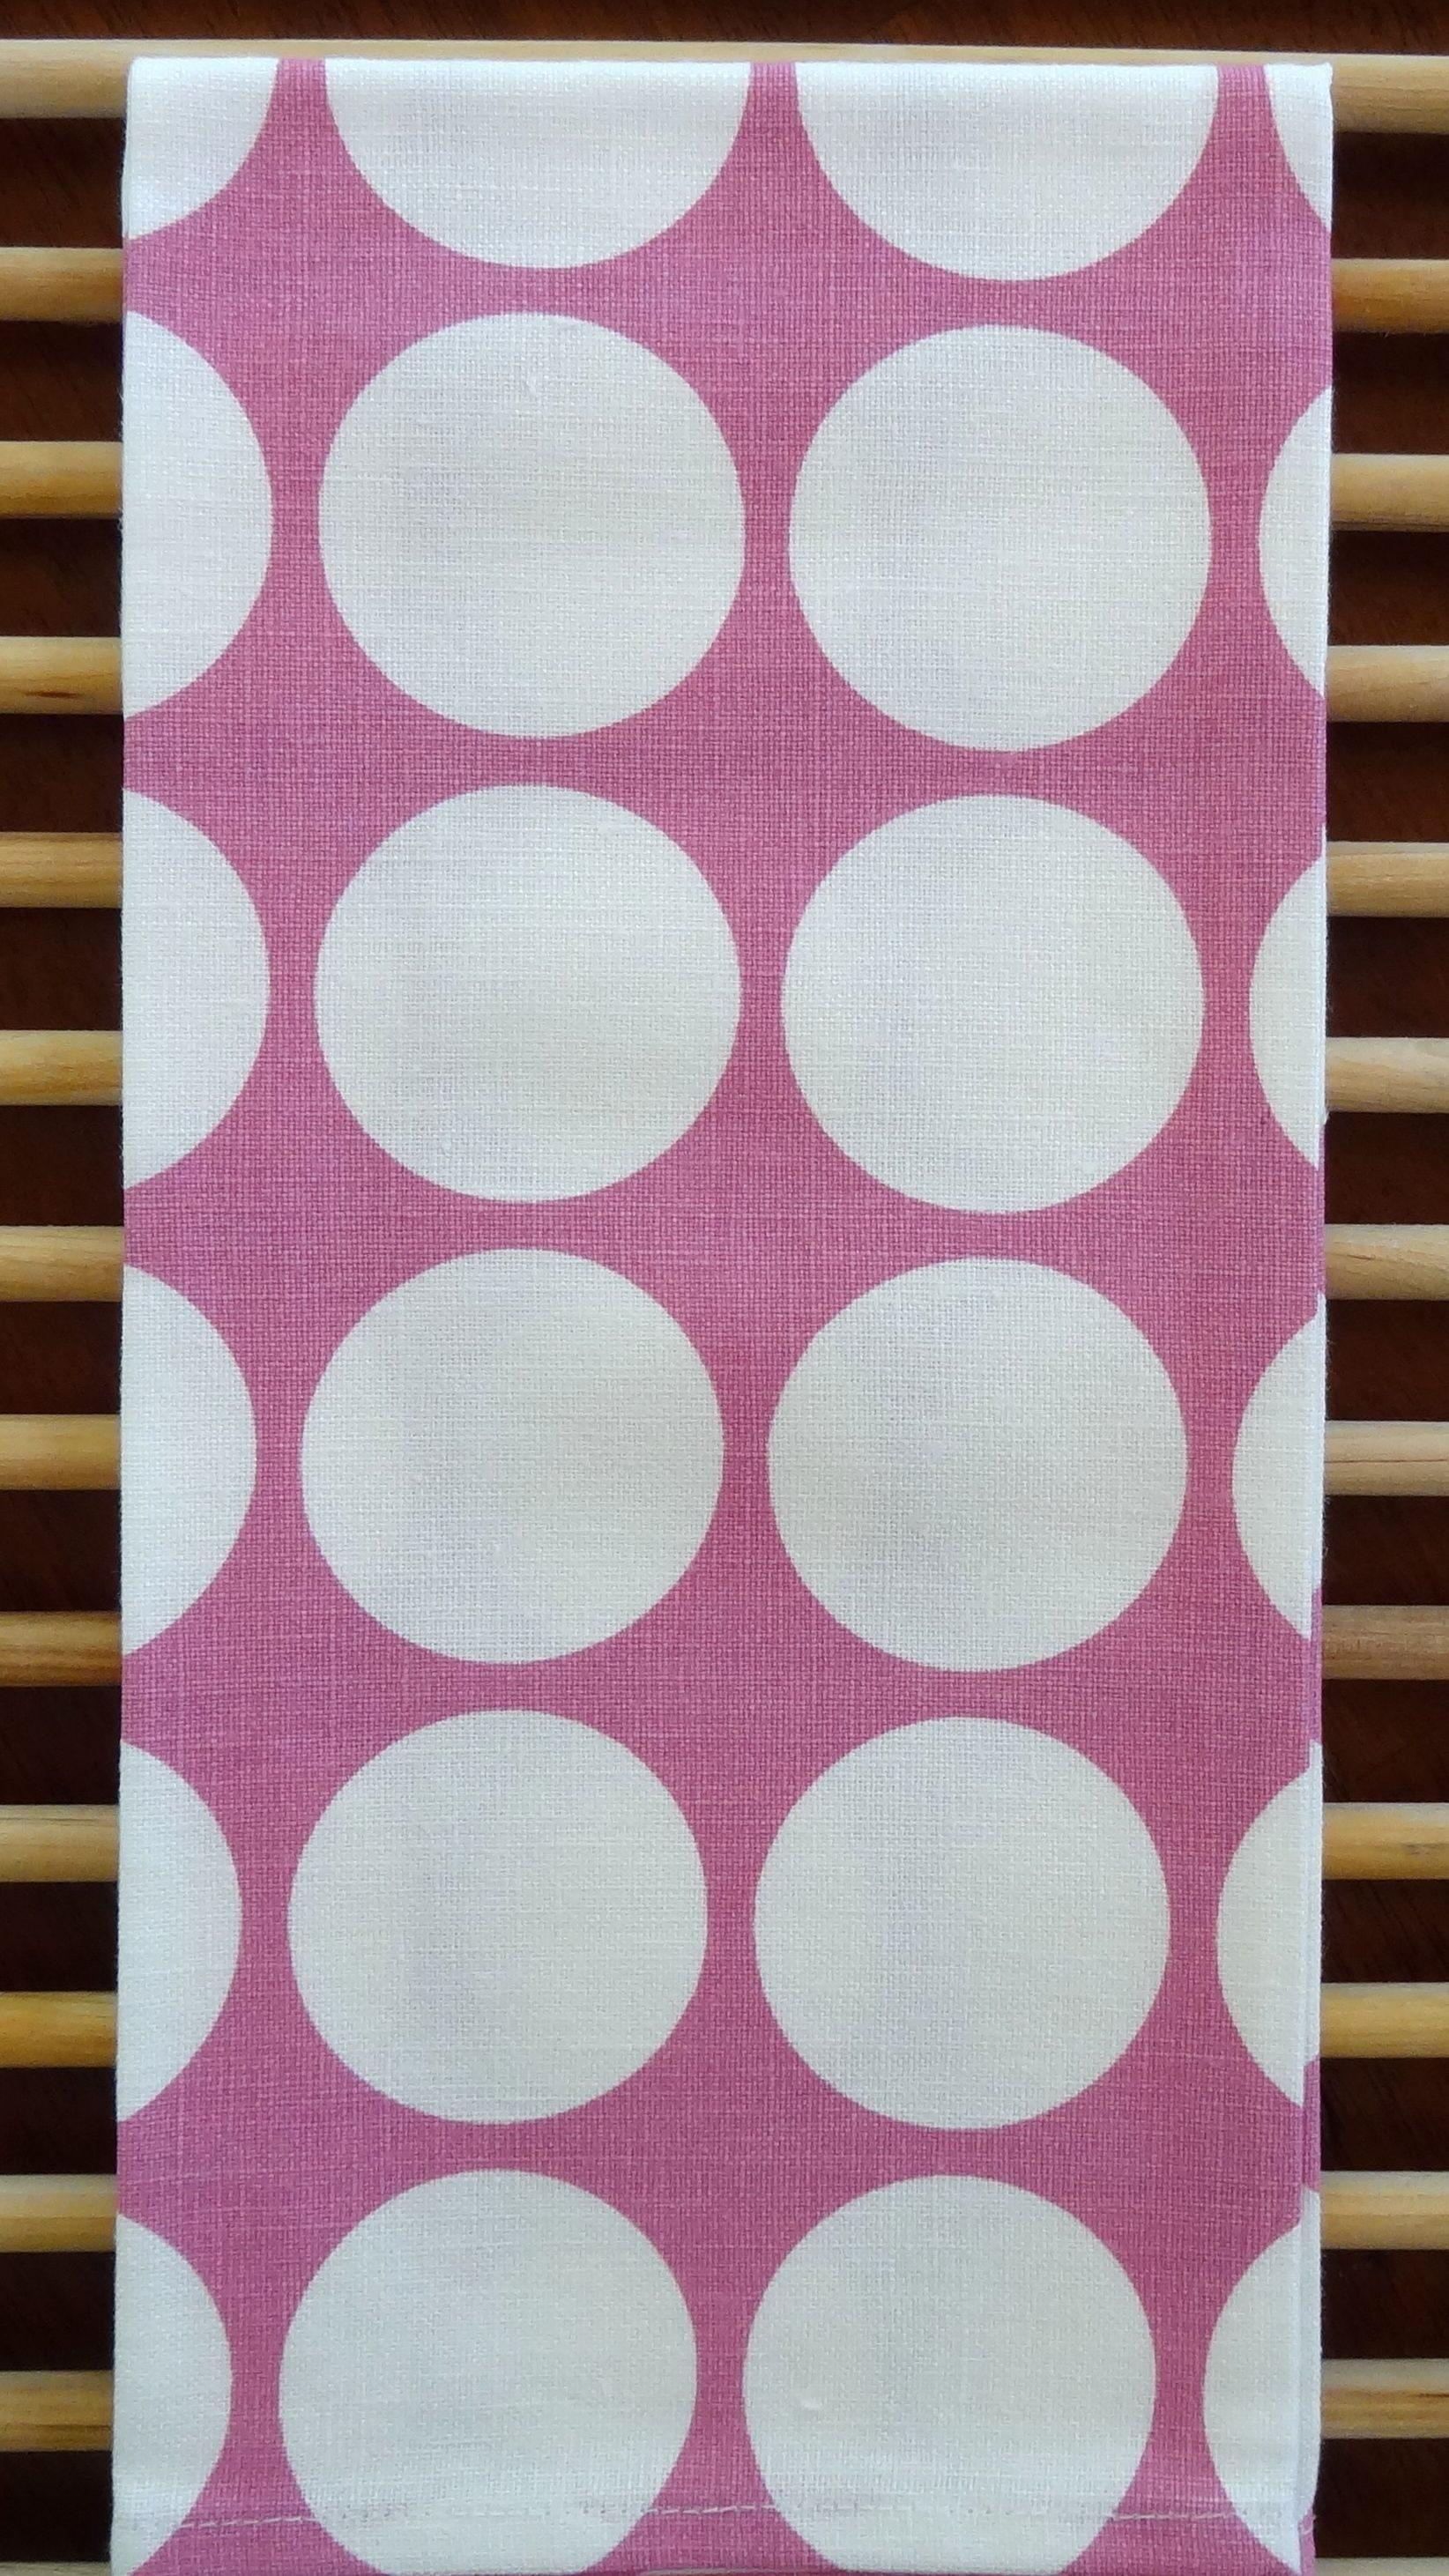 Pink Polka Dot Tea Towel